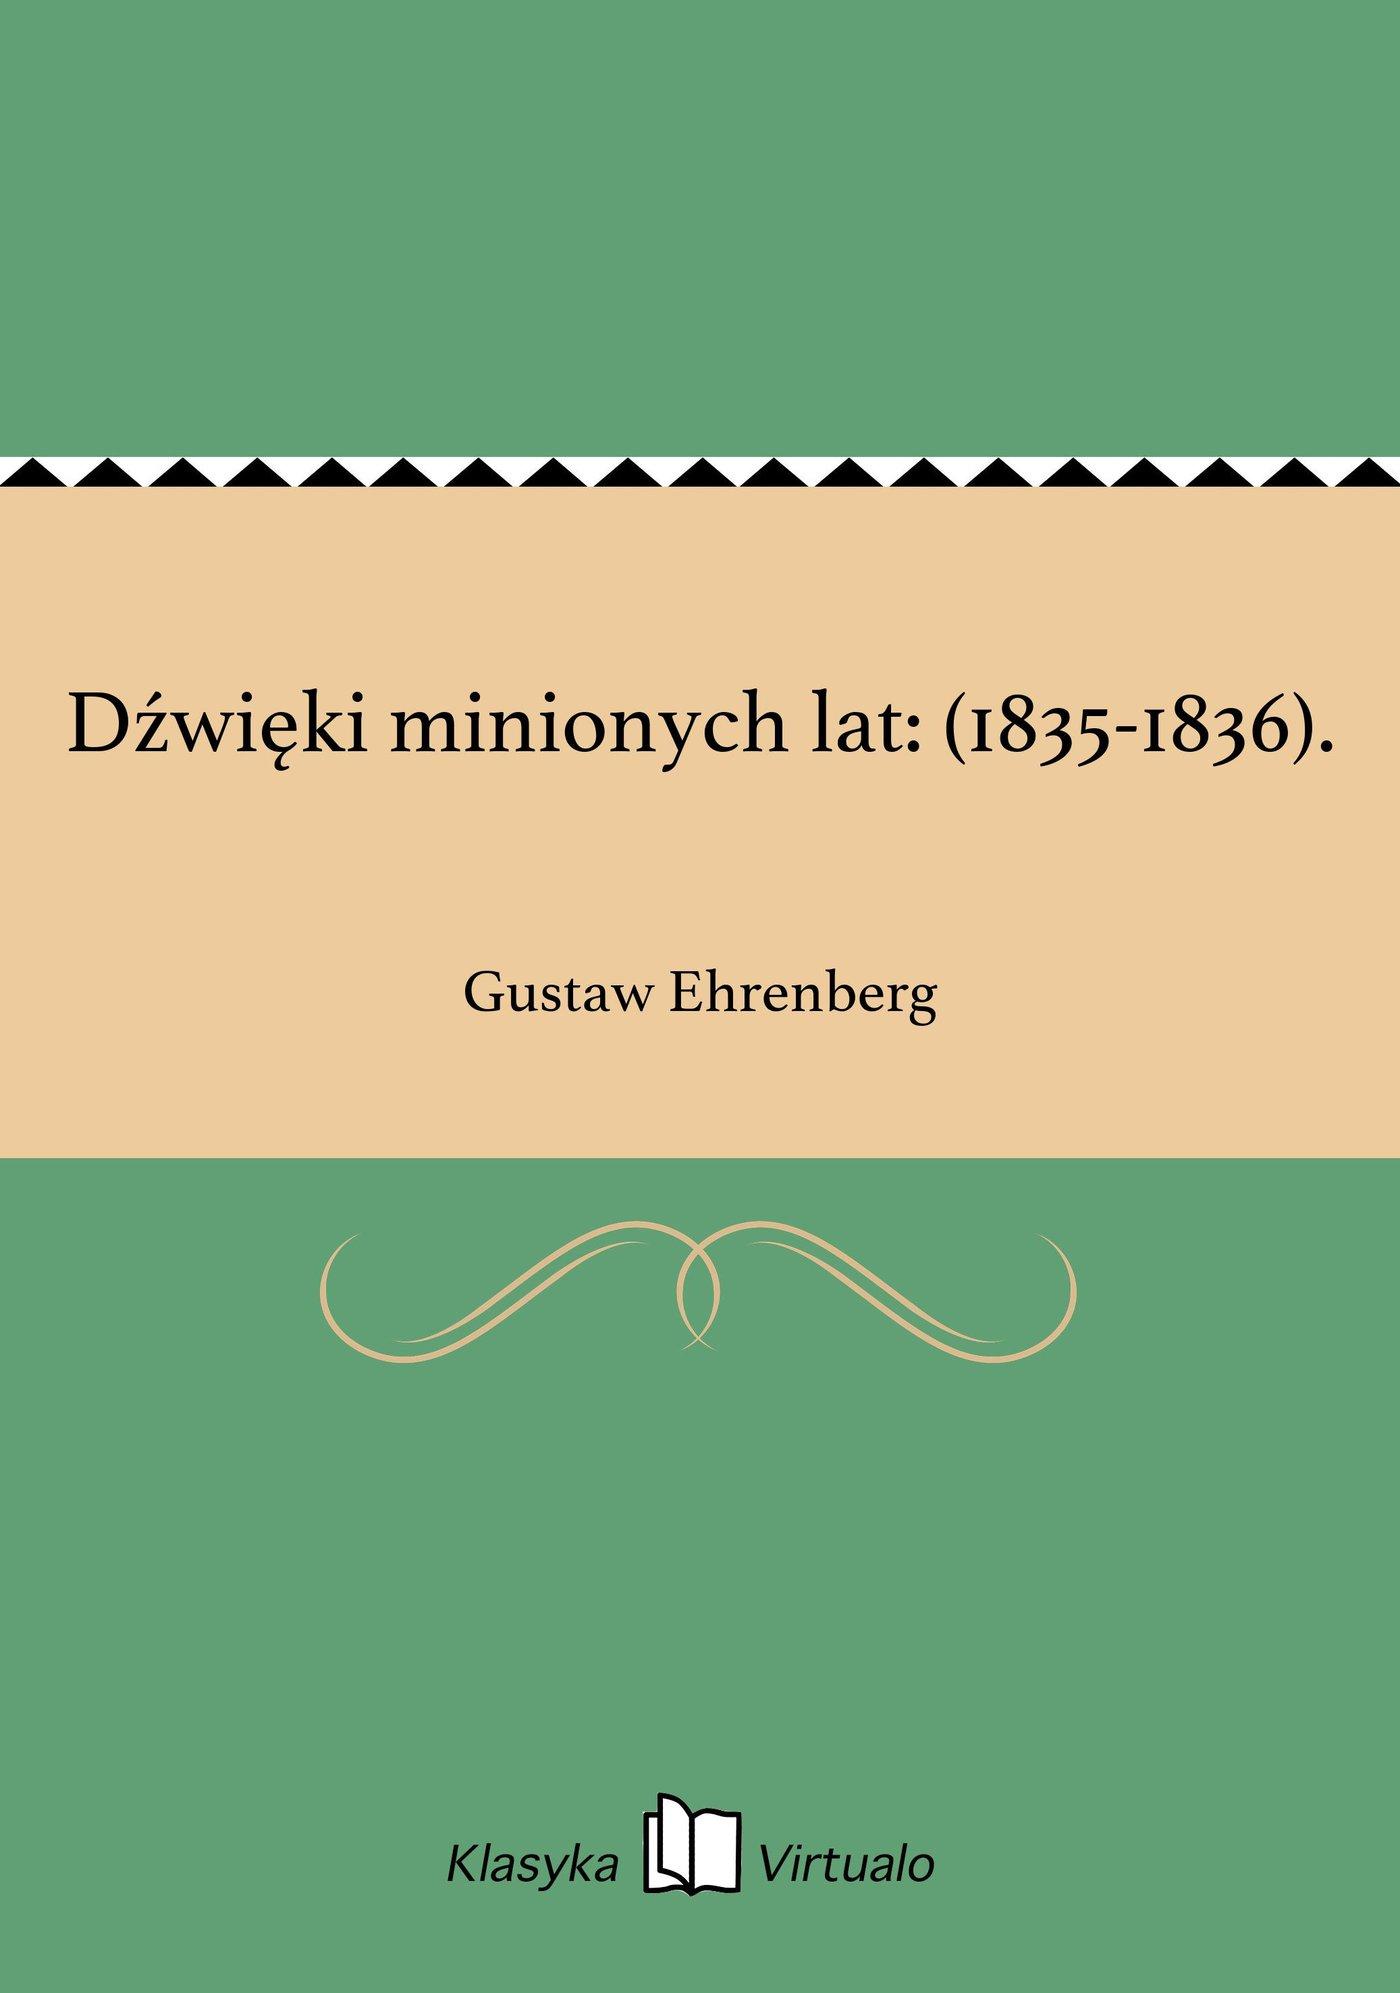 Dźwięki minionych lat: (1835-1836). - Ebook (Książka EPUB) do pobrania w formacie EPUB